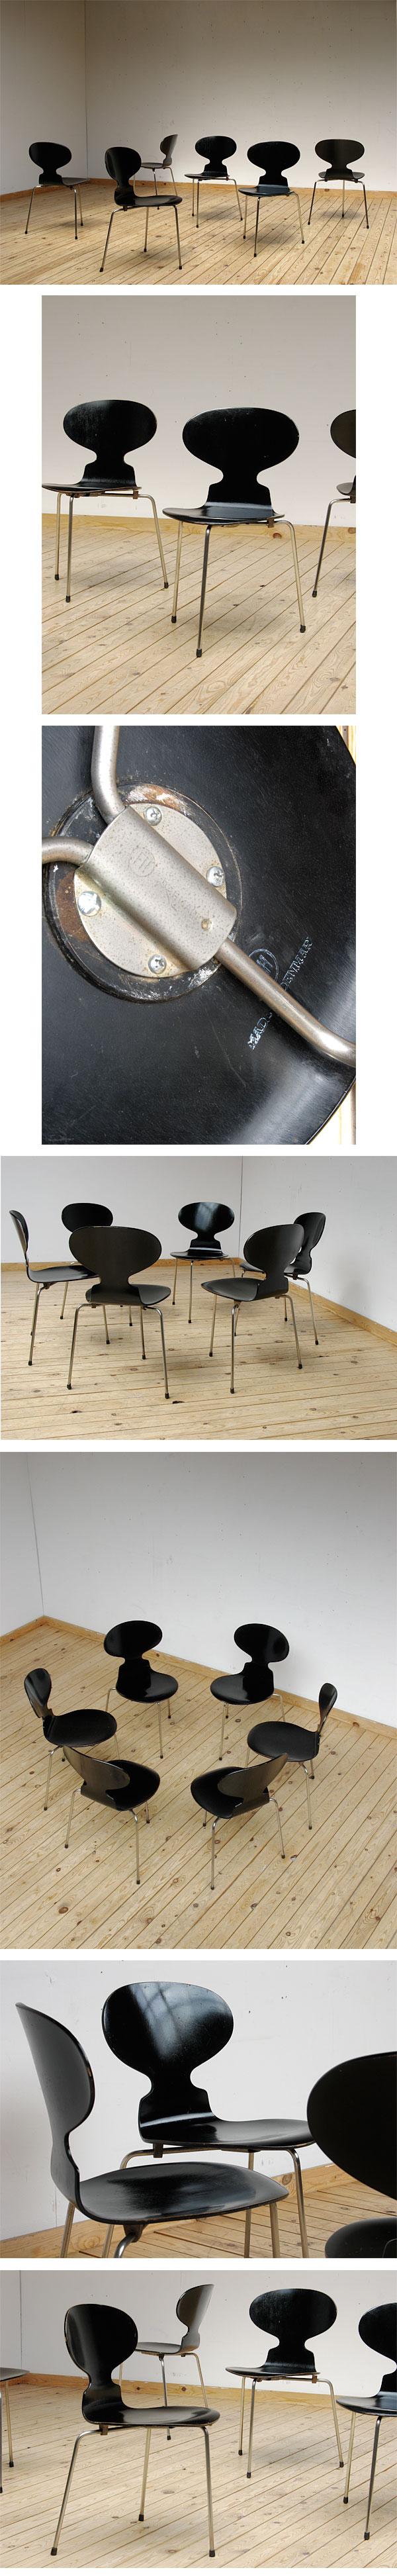 chaise, chairs, ant, Arne jacobsen, Fritz Hansen, wegner, danish